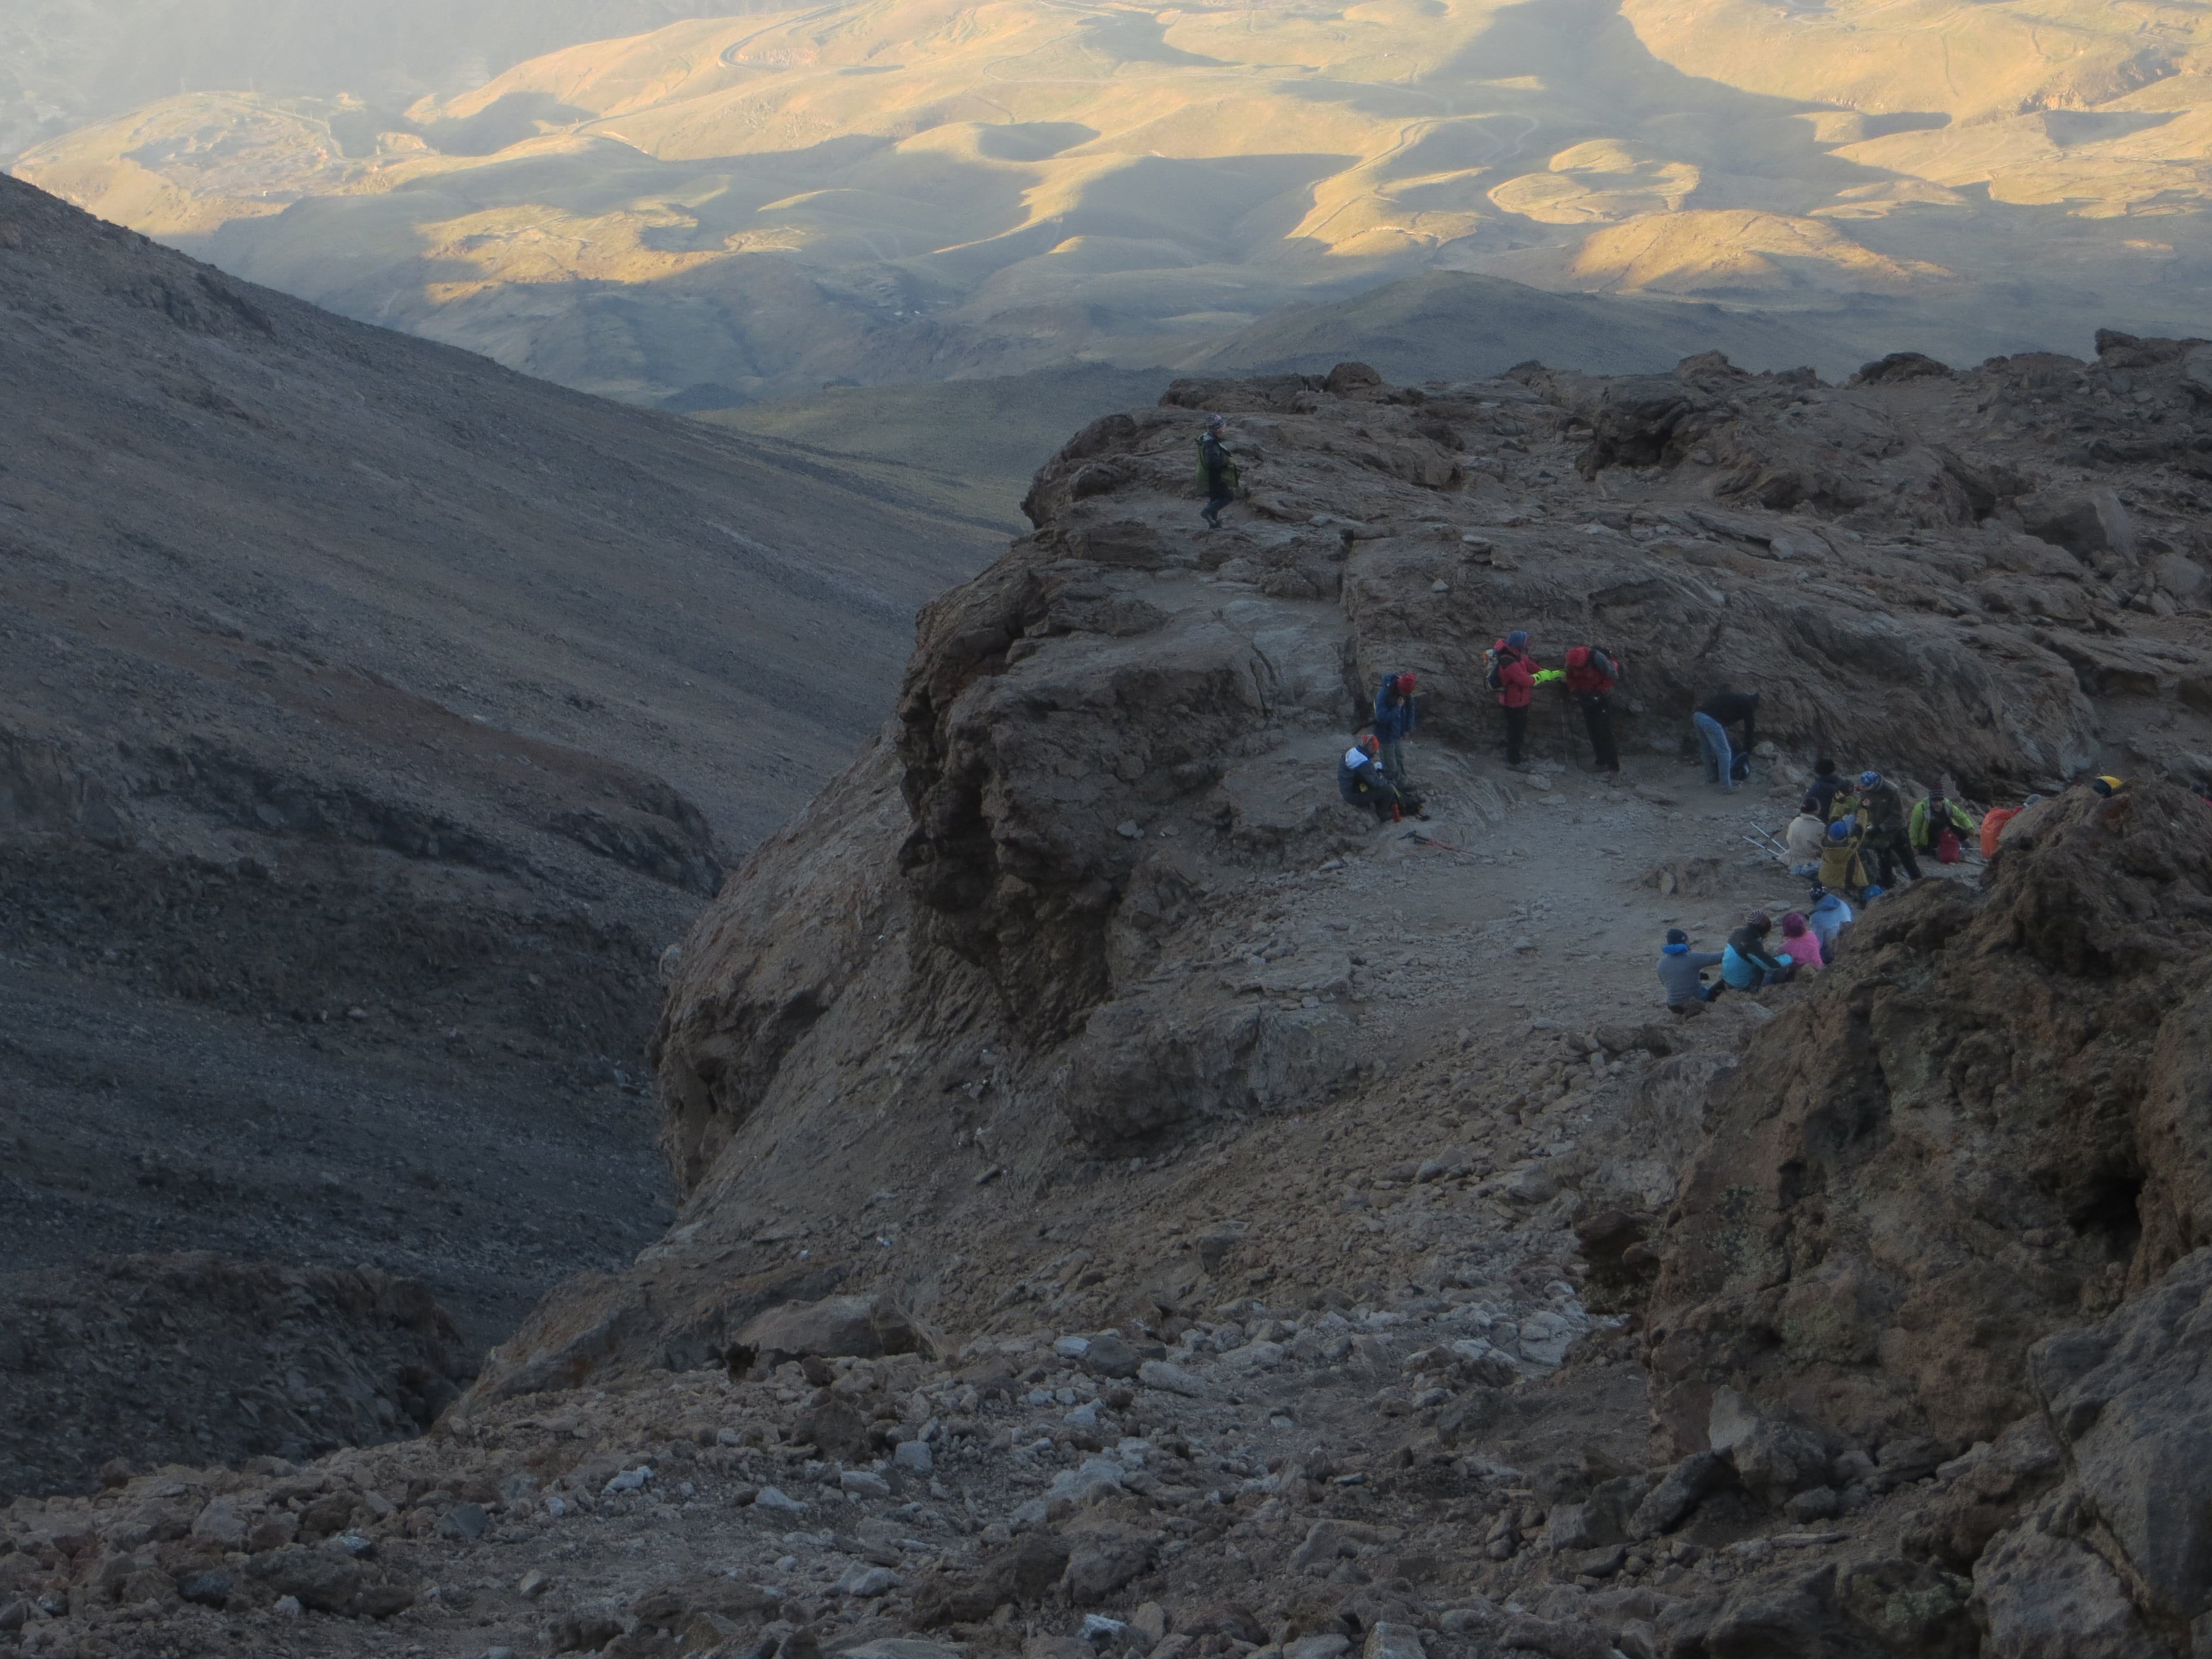 11. Toward the Summit